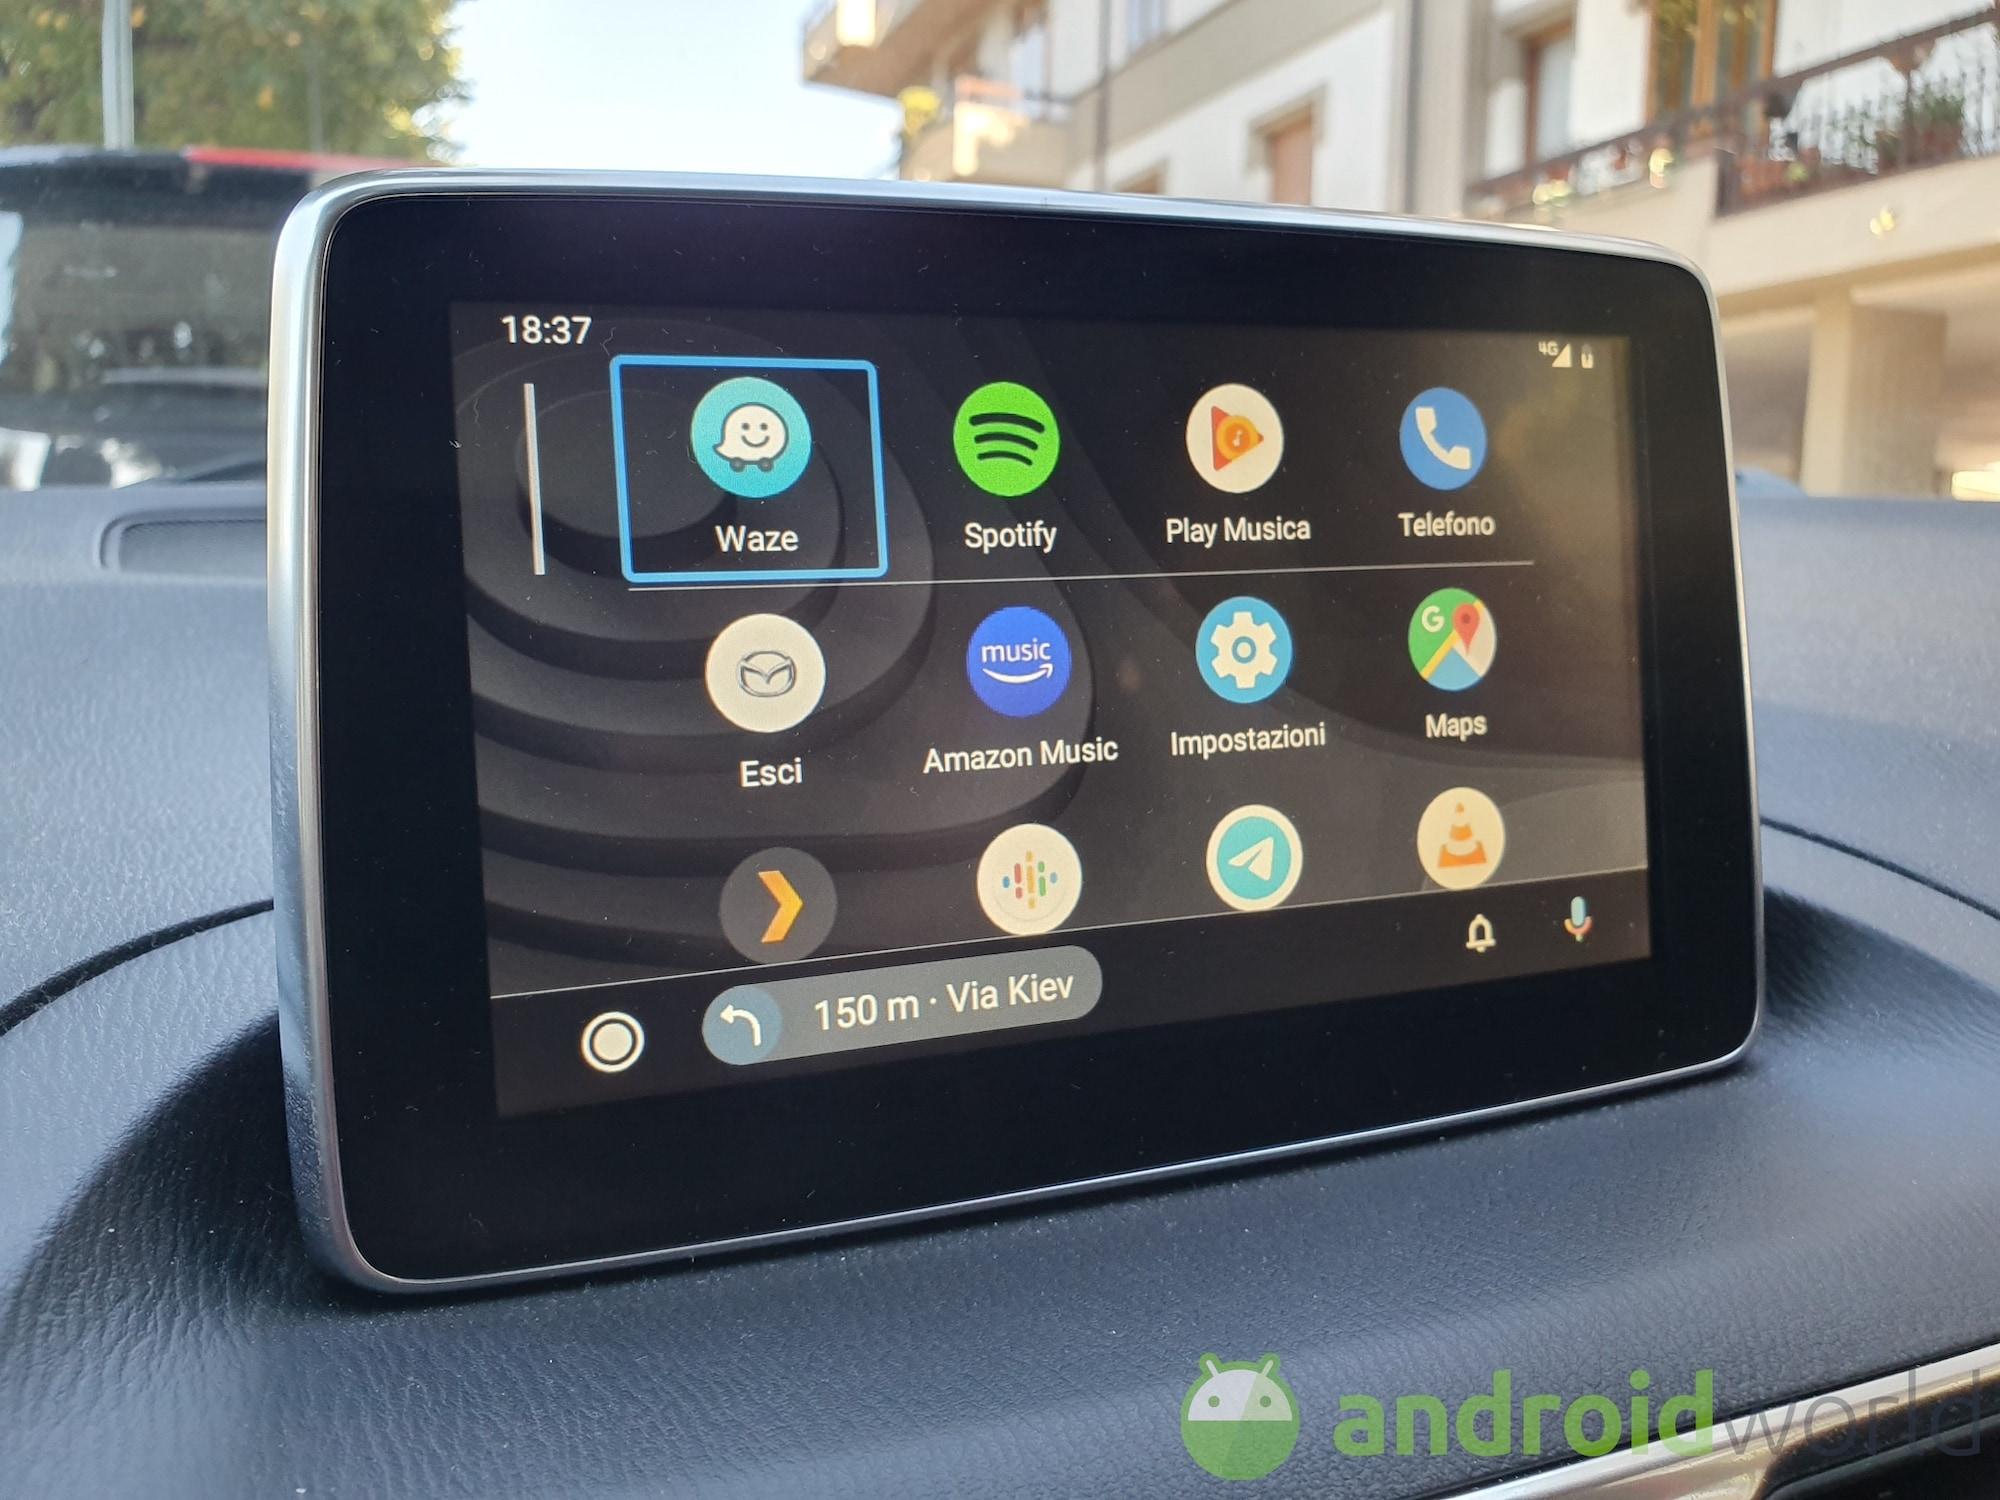 BMW rilascia ufficialmente Android Auto: ecco i modelli che stanno ricevendo l'aggiornamento